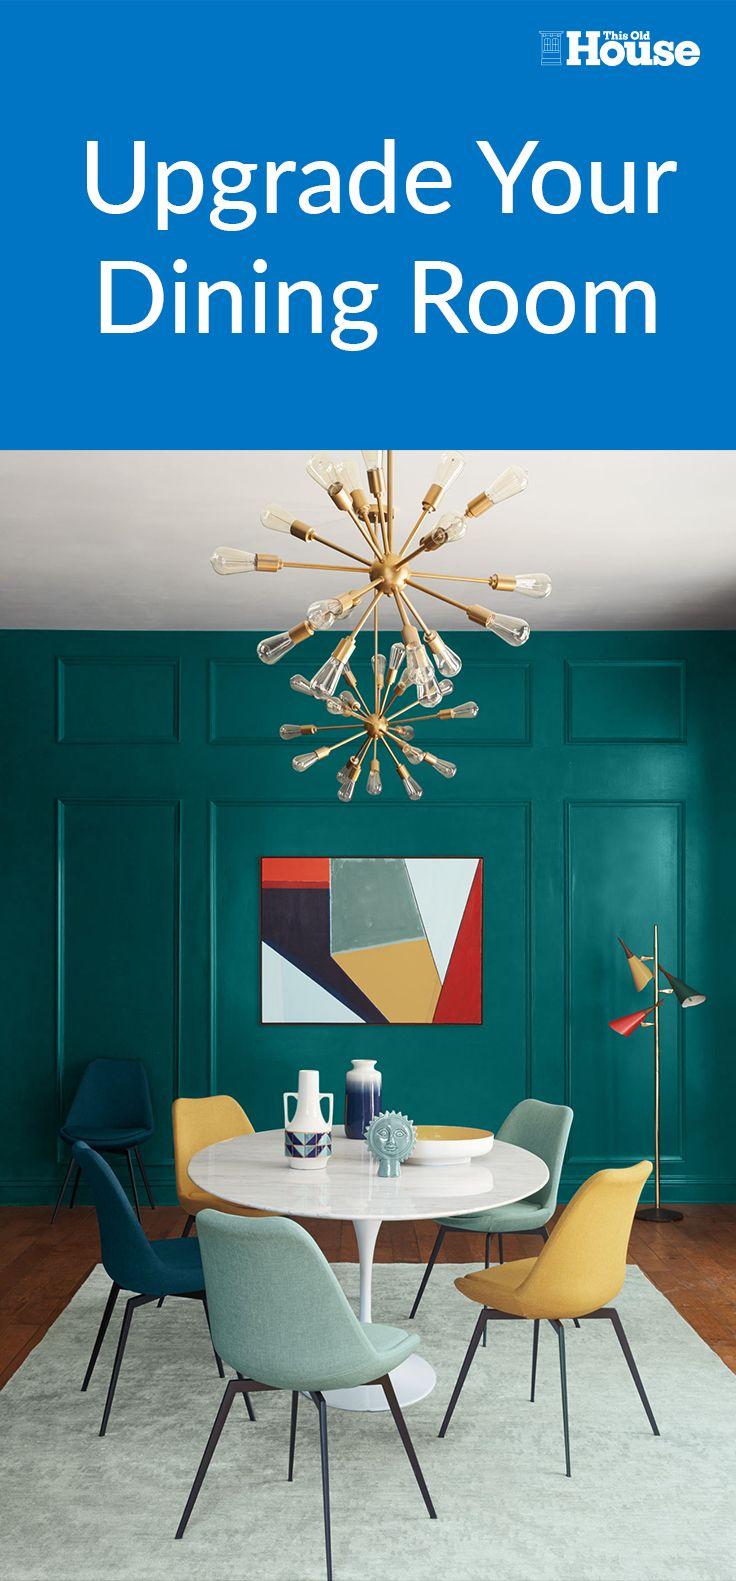 98 Best Dining Room Design Images On Pinterest